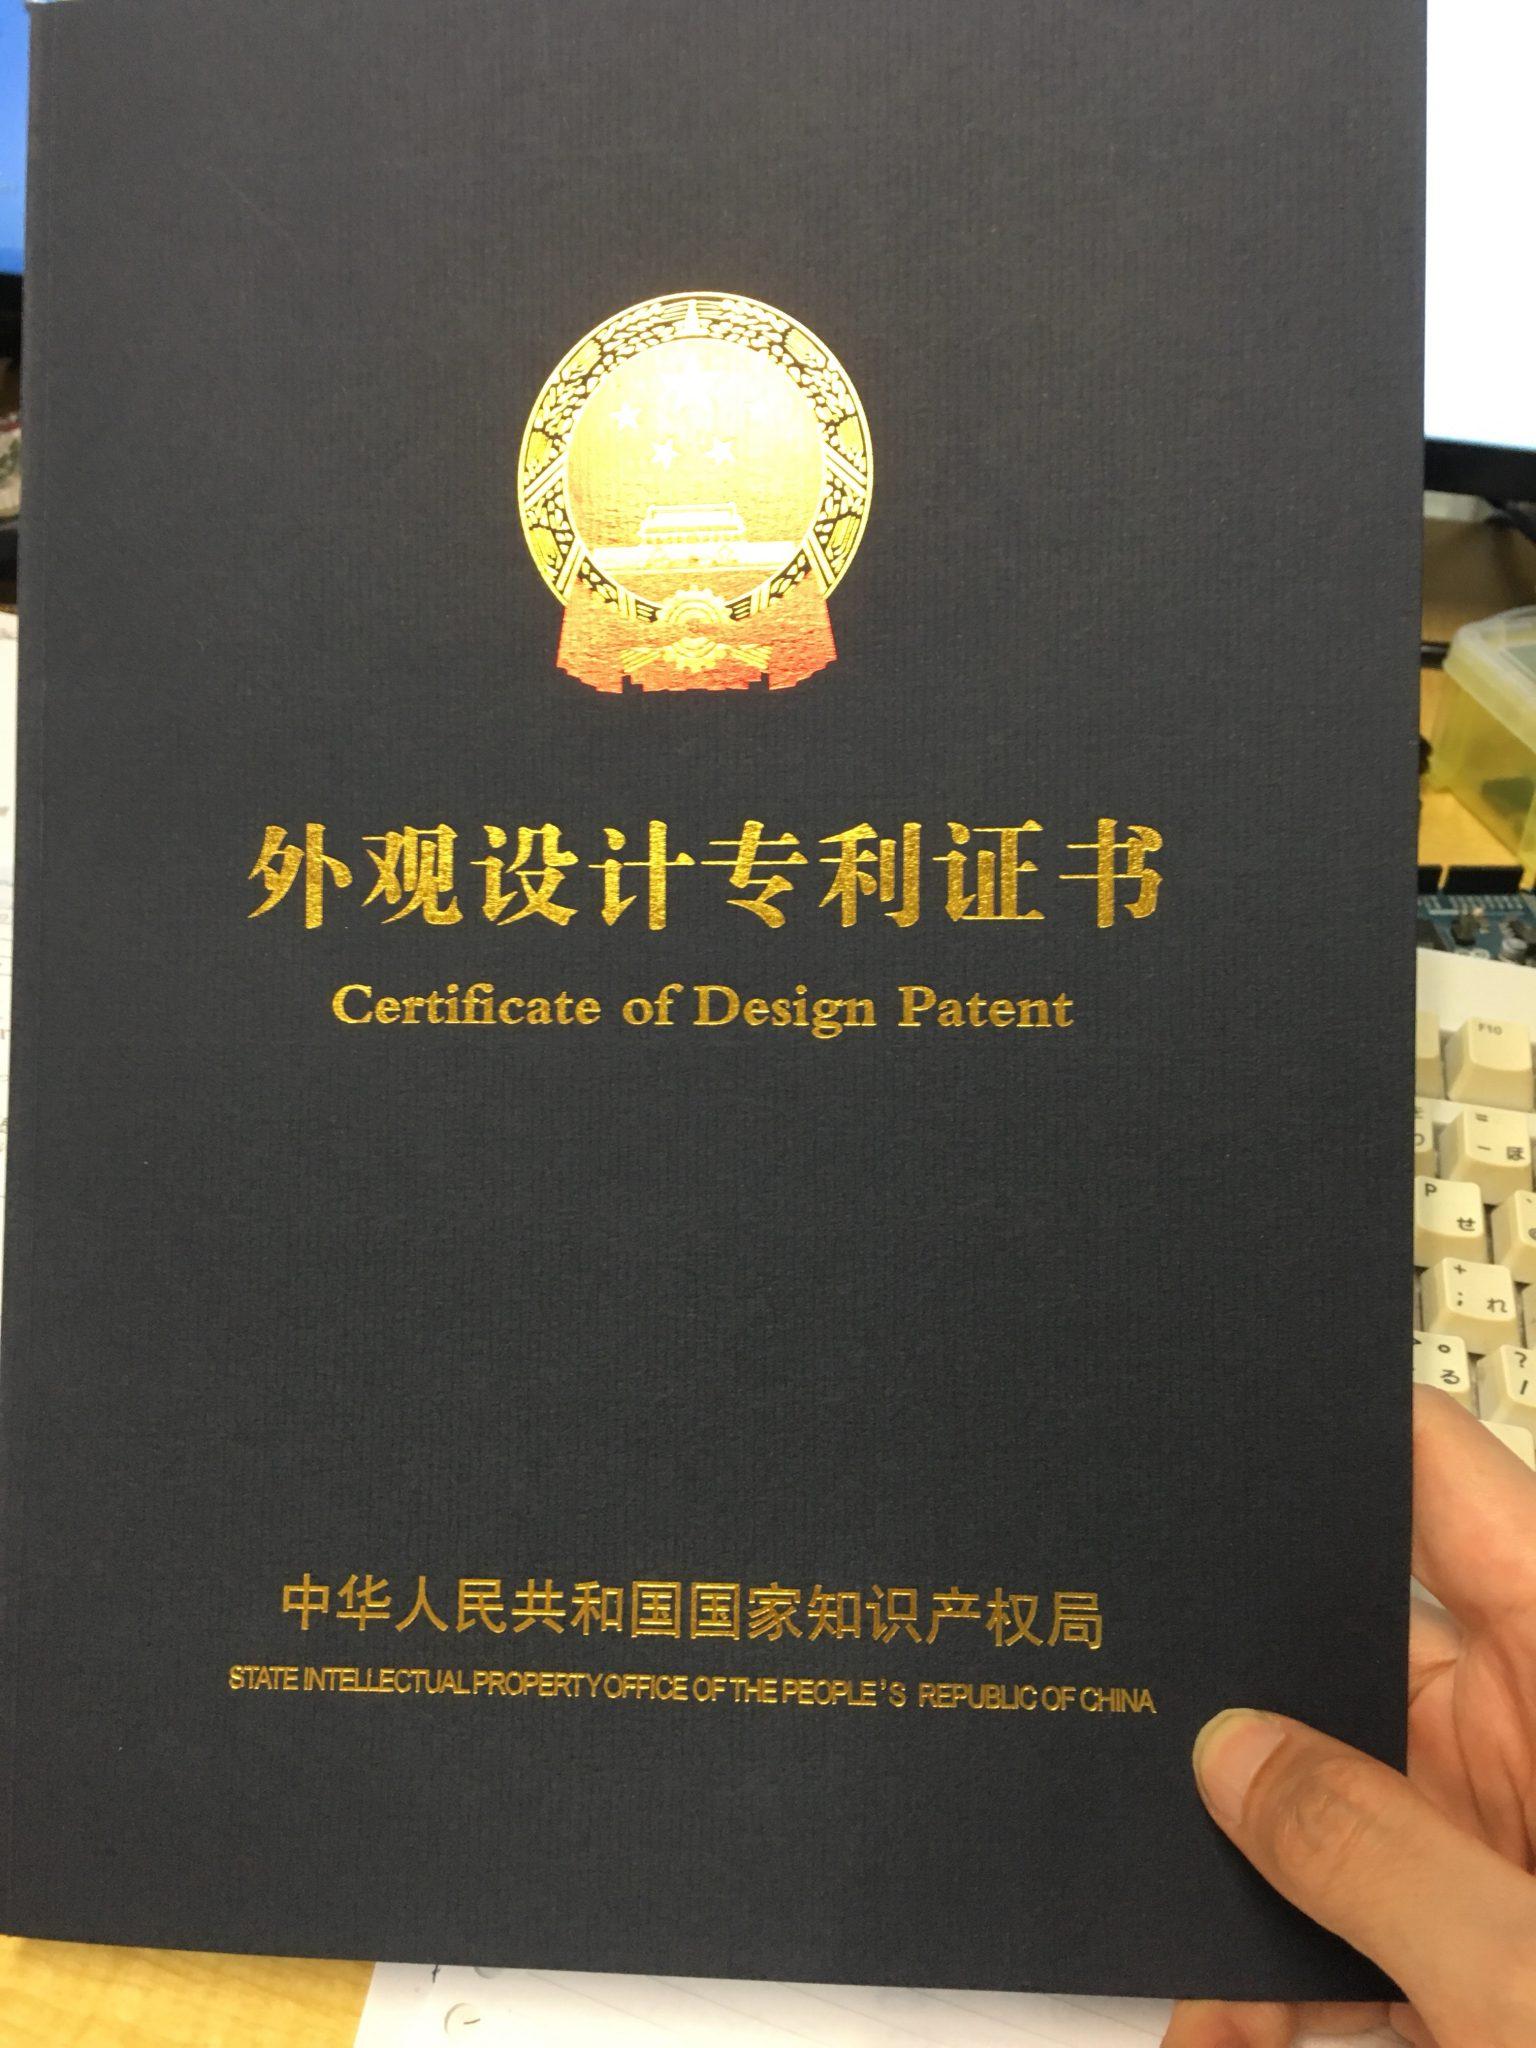 獲得了中國設計。你做到了!